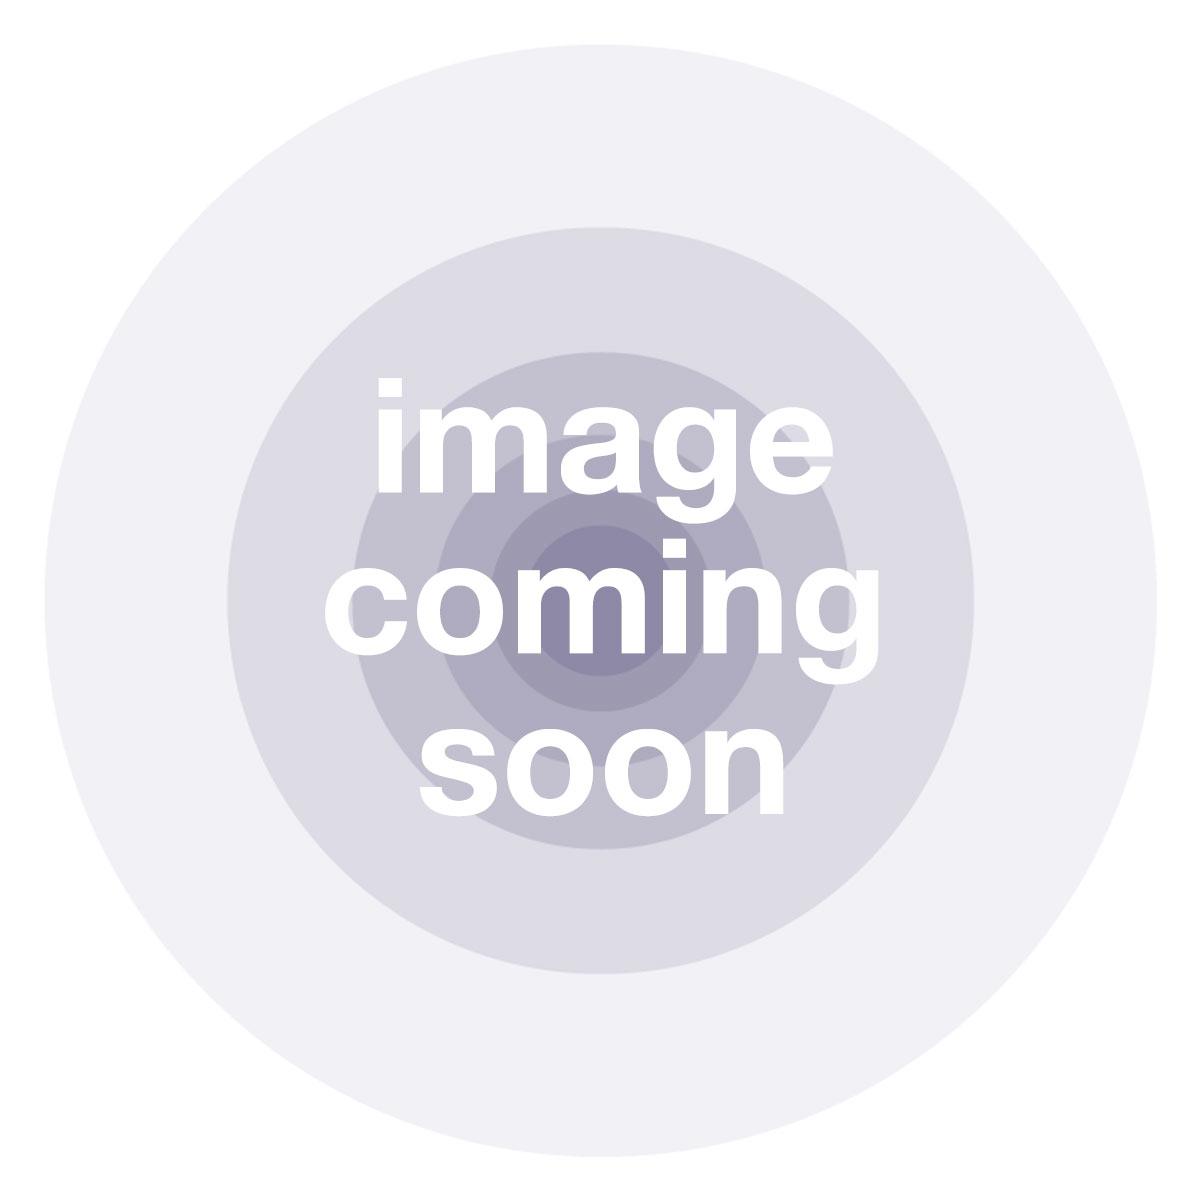 Teradek Cube 106 1ch HD-SDI HD Video Encoder